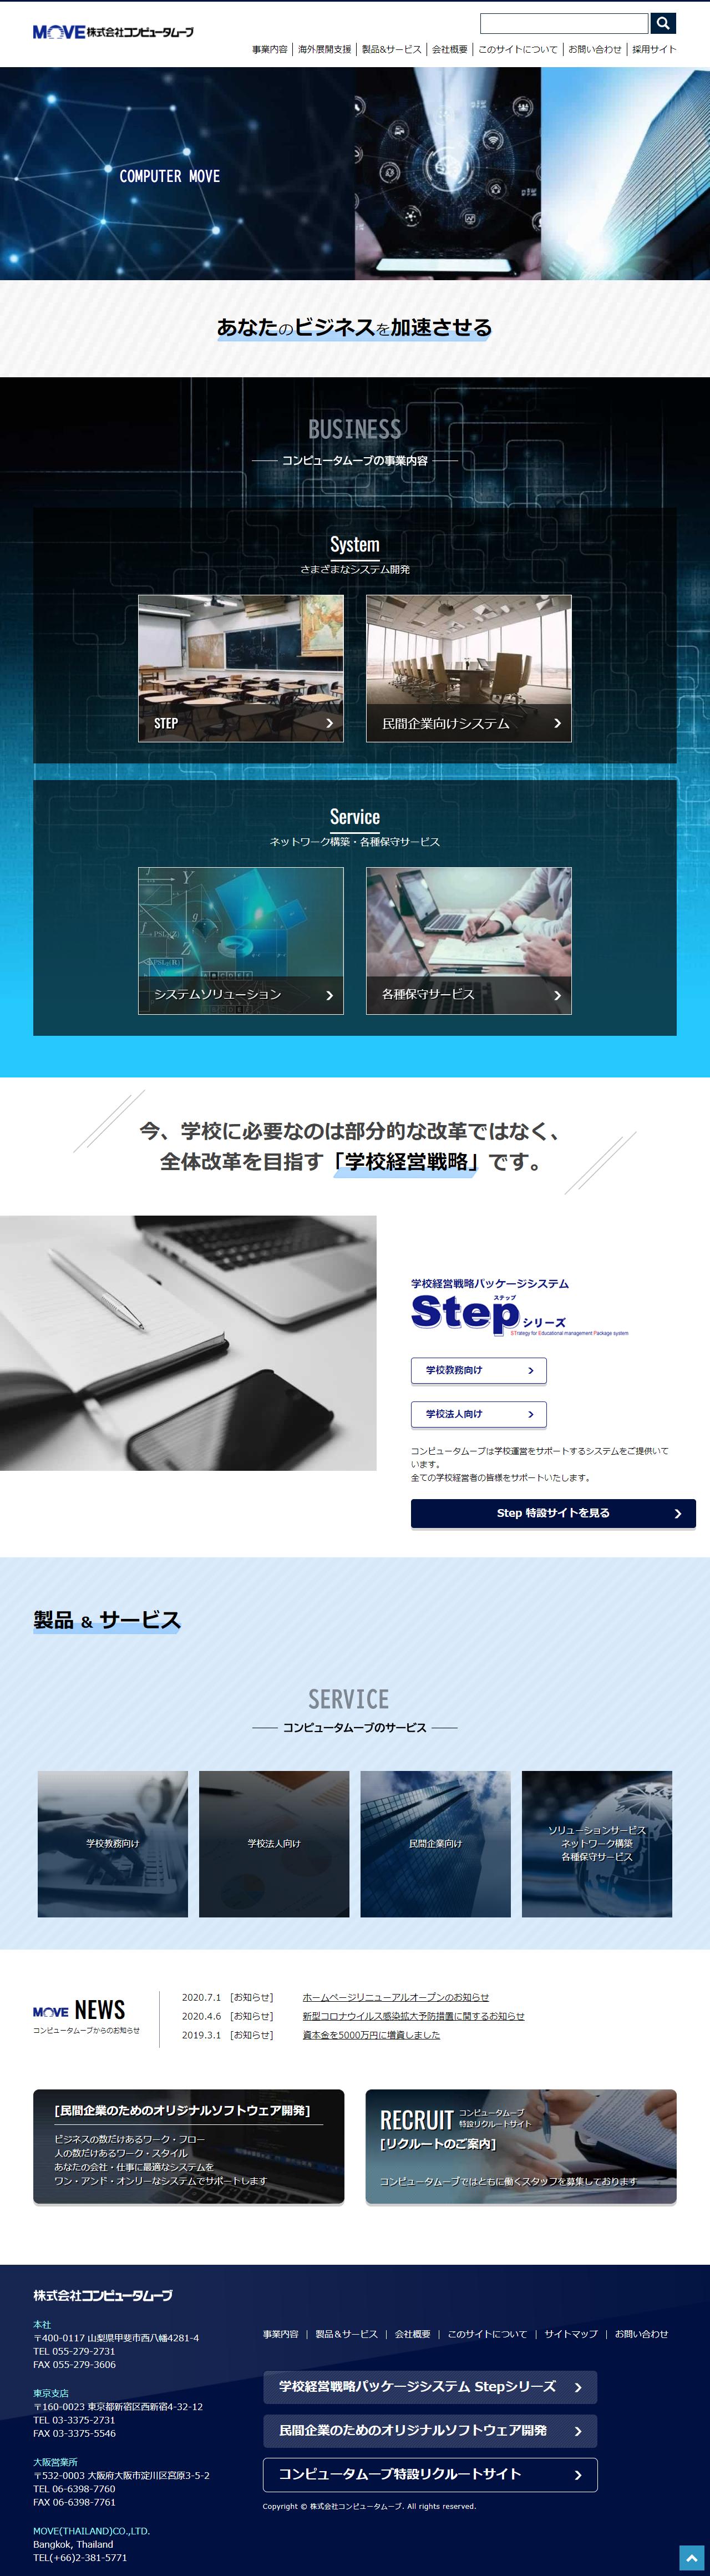 株式会社コンピュータムーブ